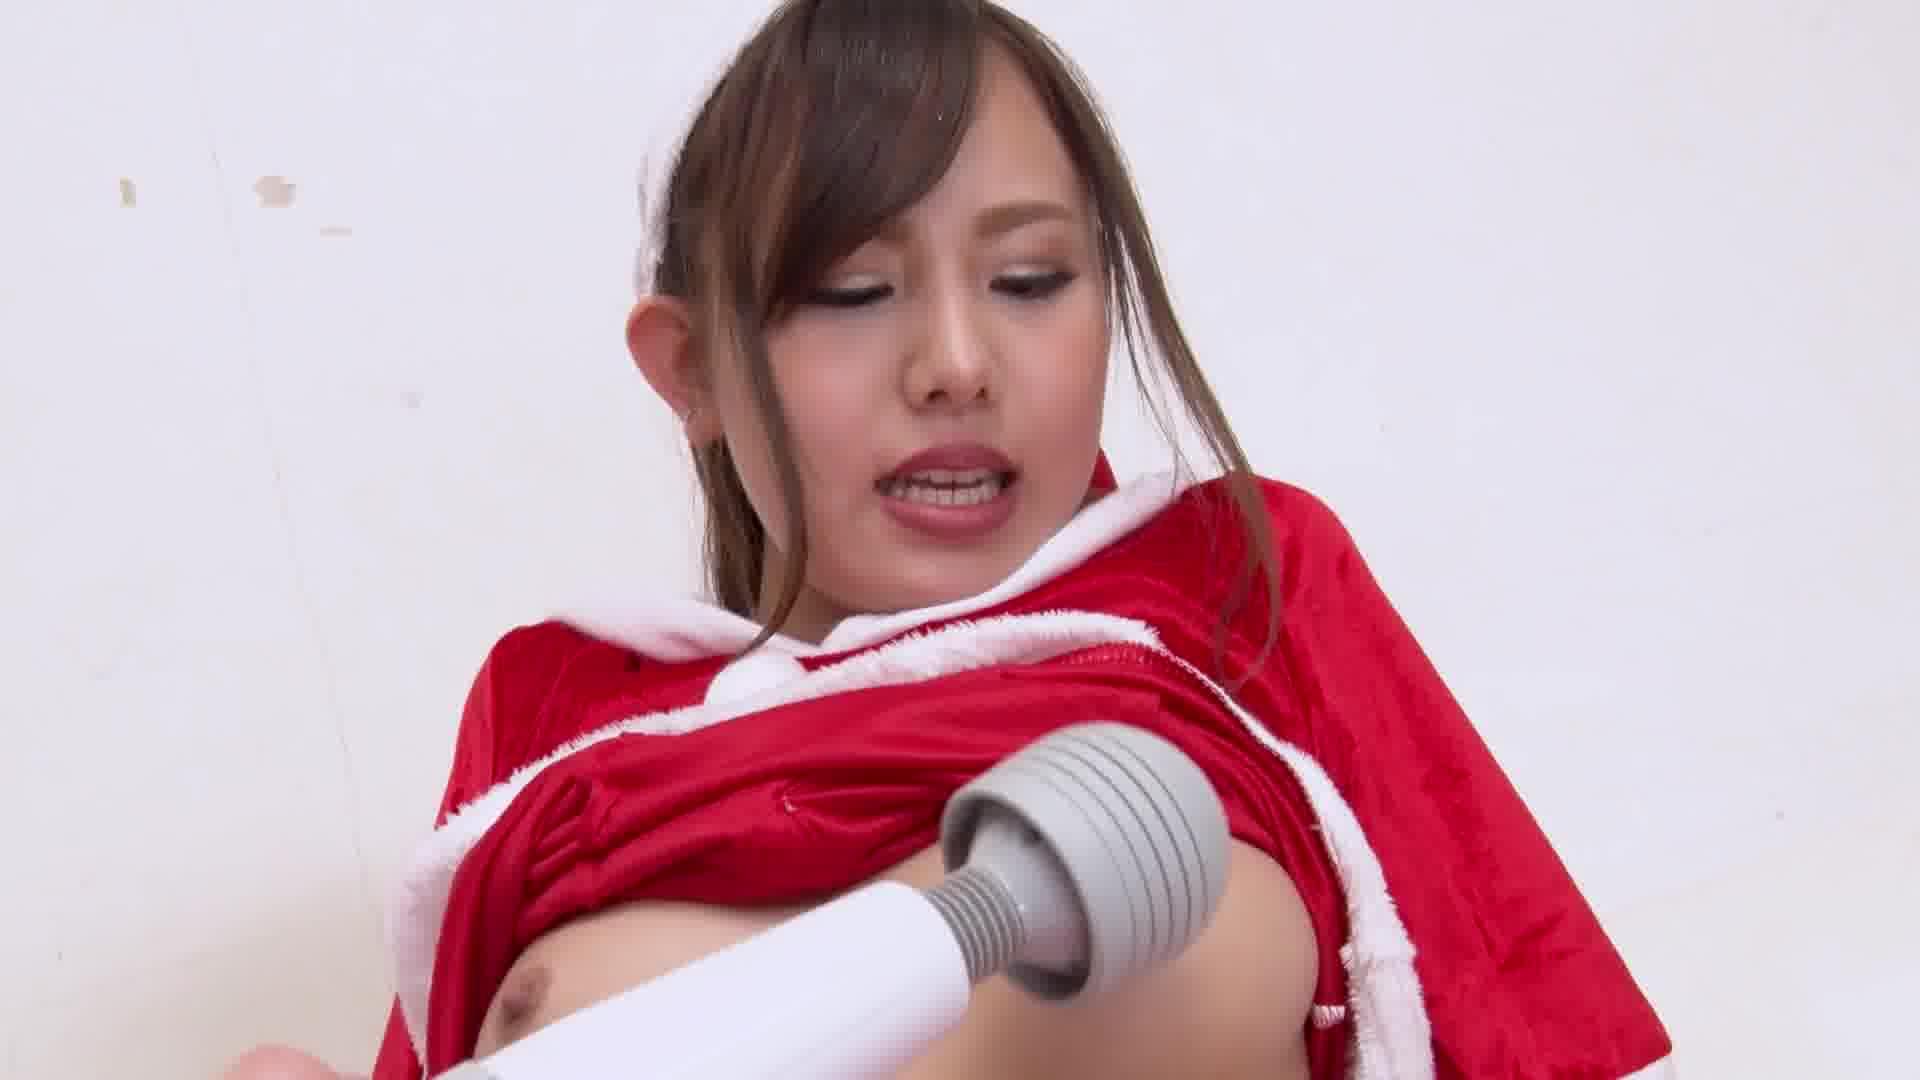 中出しサンタ2020 - 碧えみ【コスプレ・パイパン・中出し】